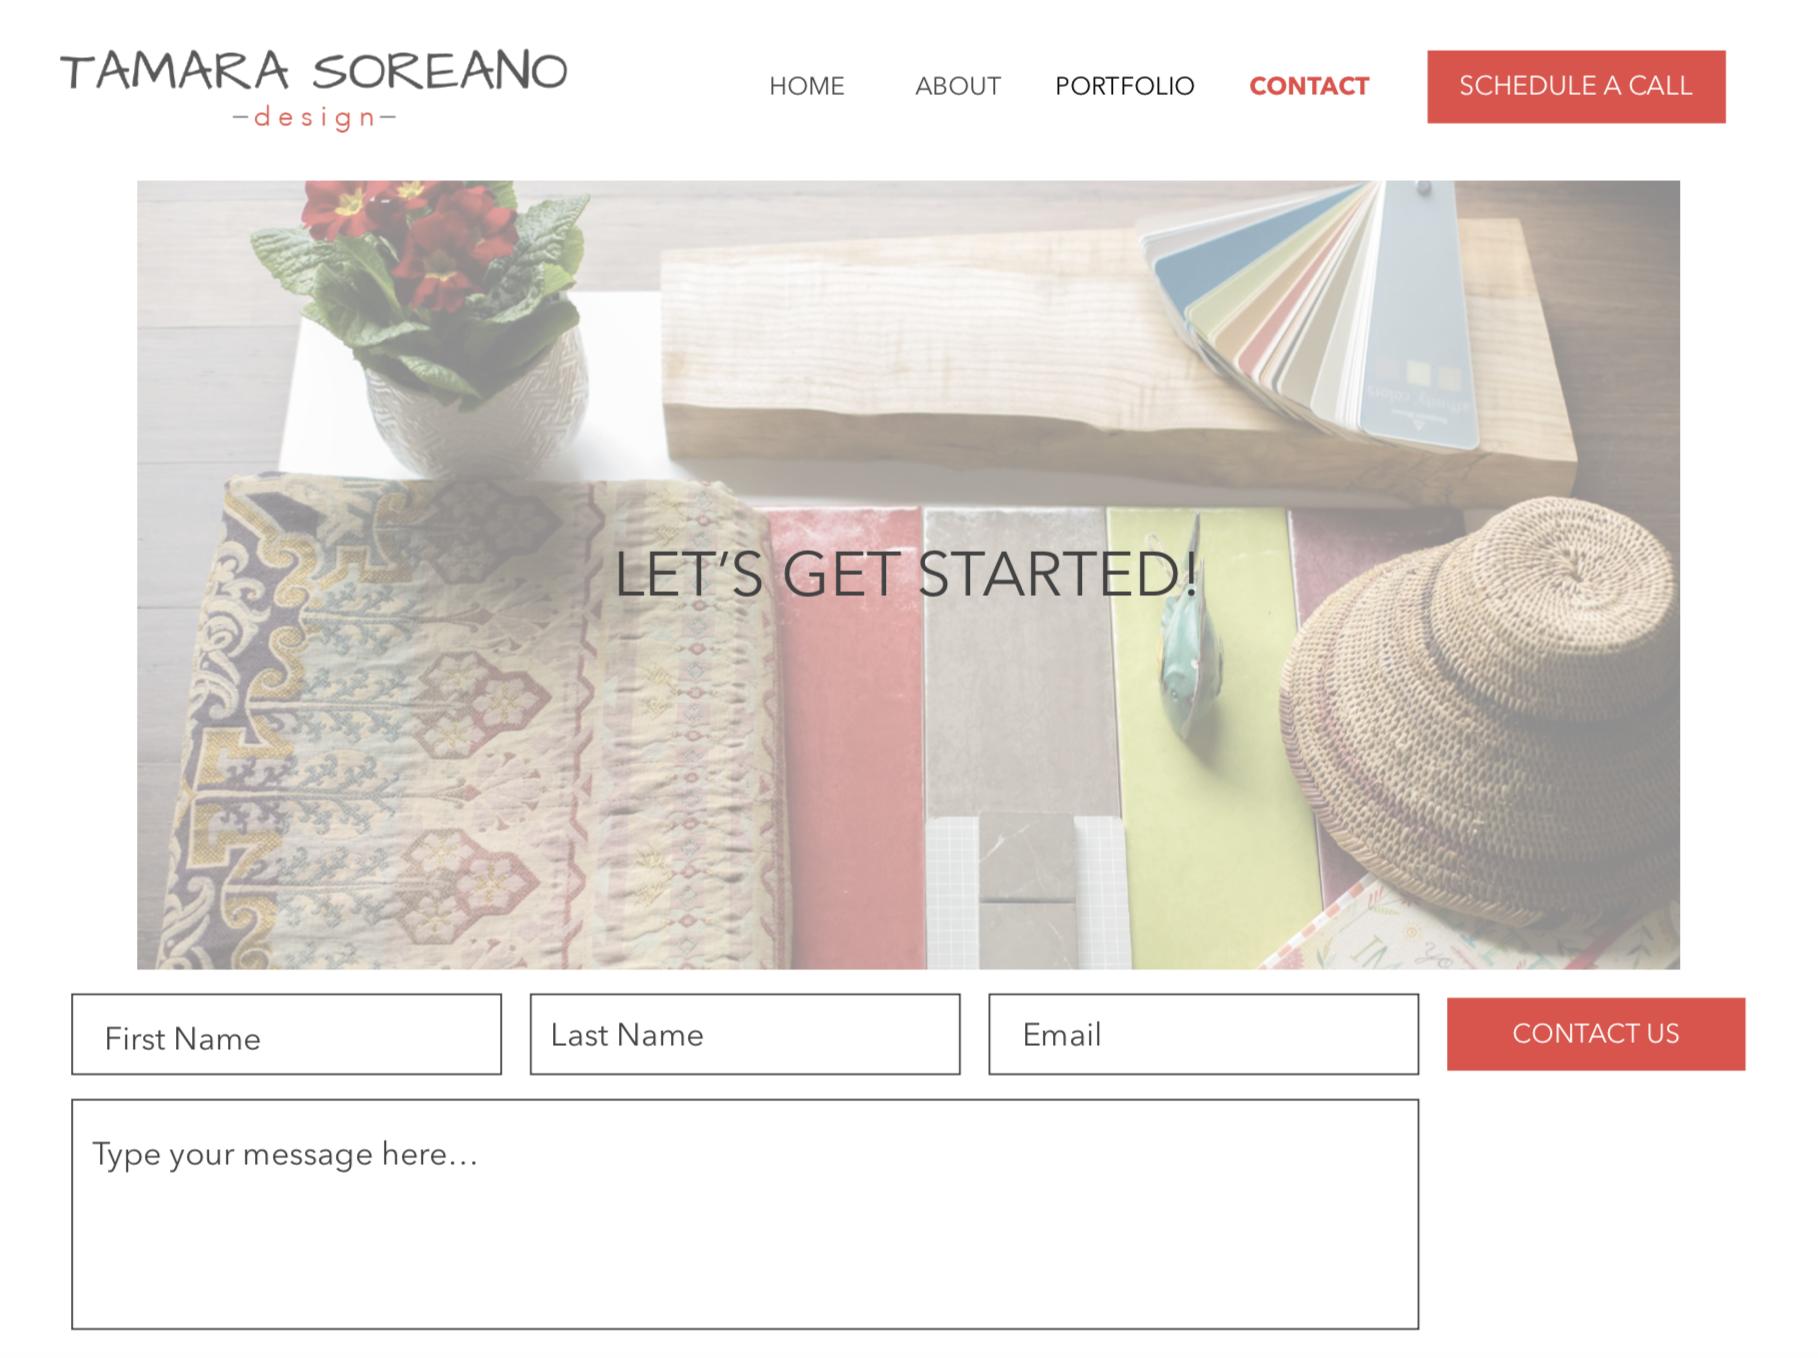 Tamara Soreano Design Contact Page